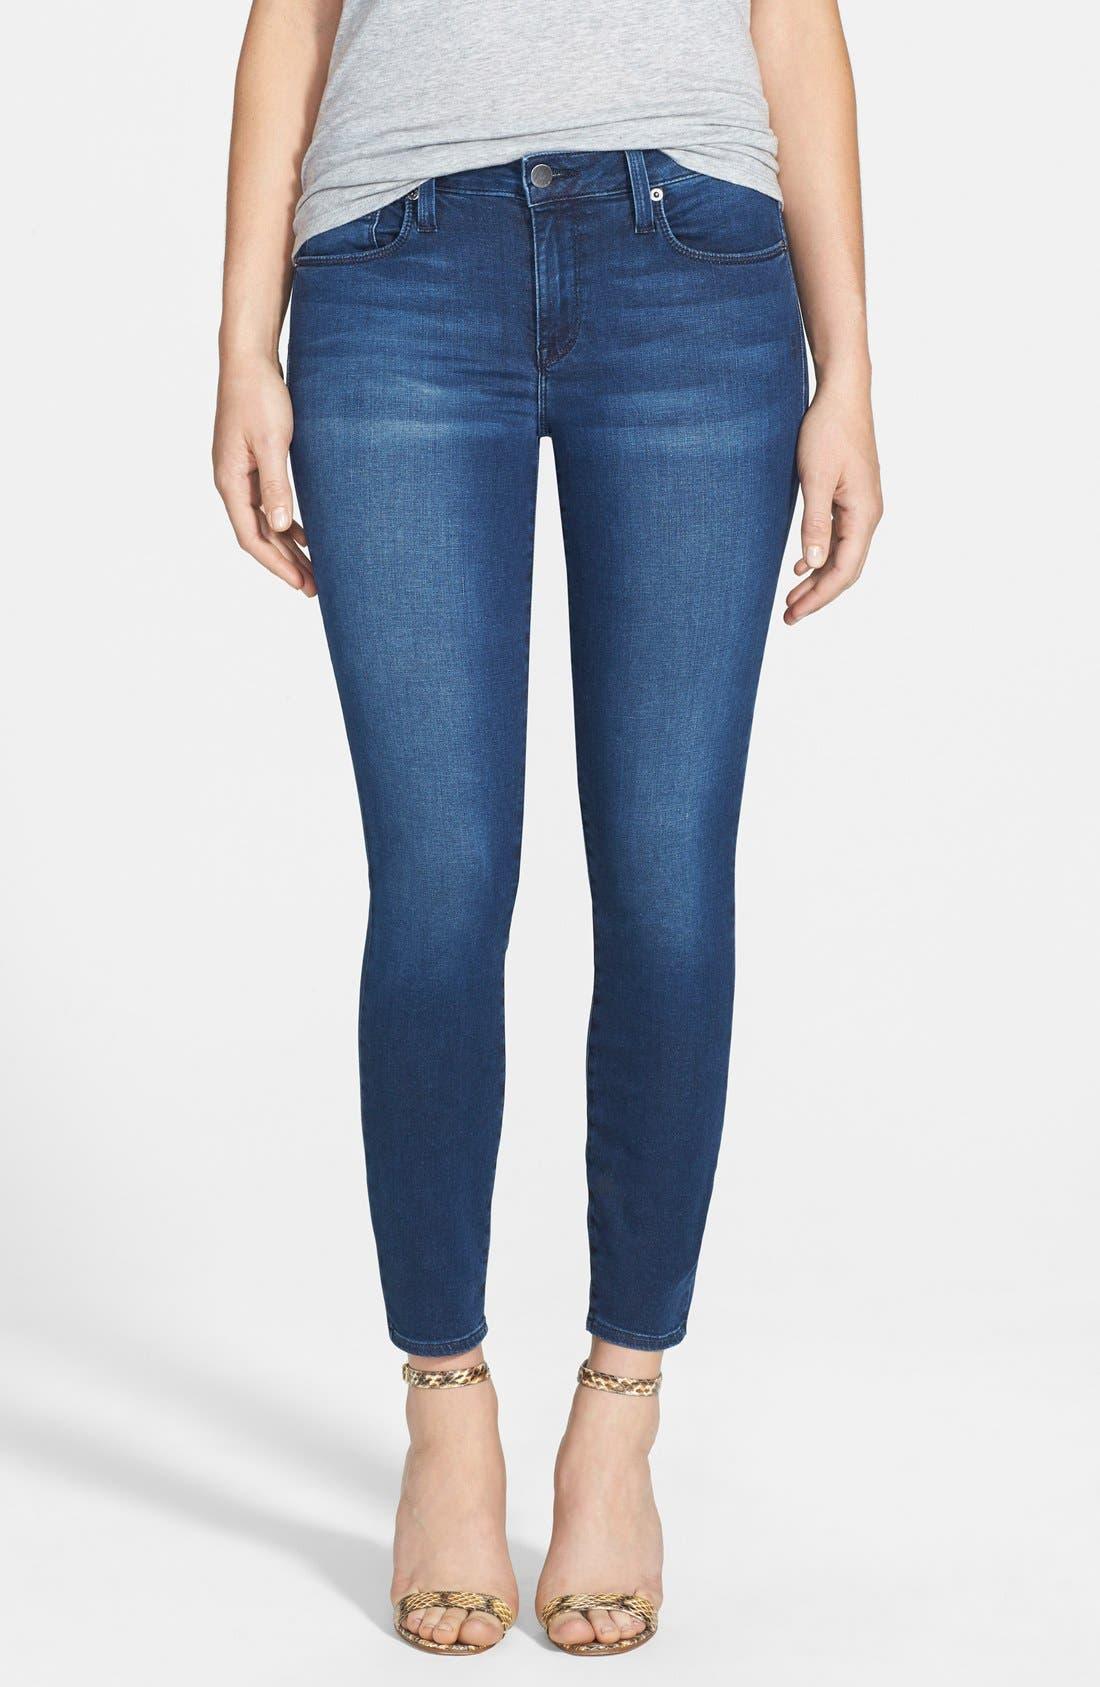 Alternate Image 1 Selected - Genetic 'Brooke' Crop Skinny Jeans (Riot)